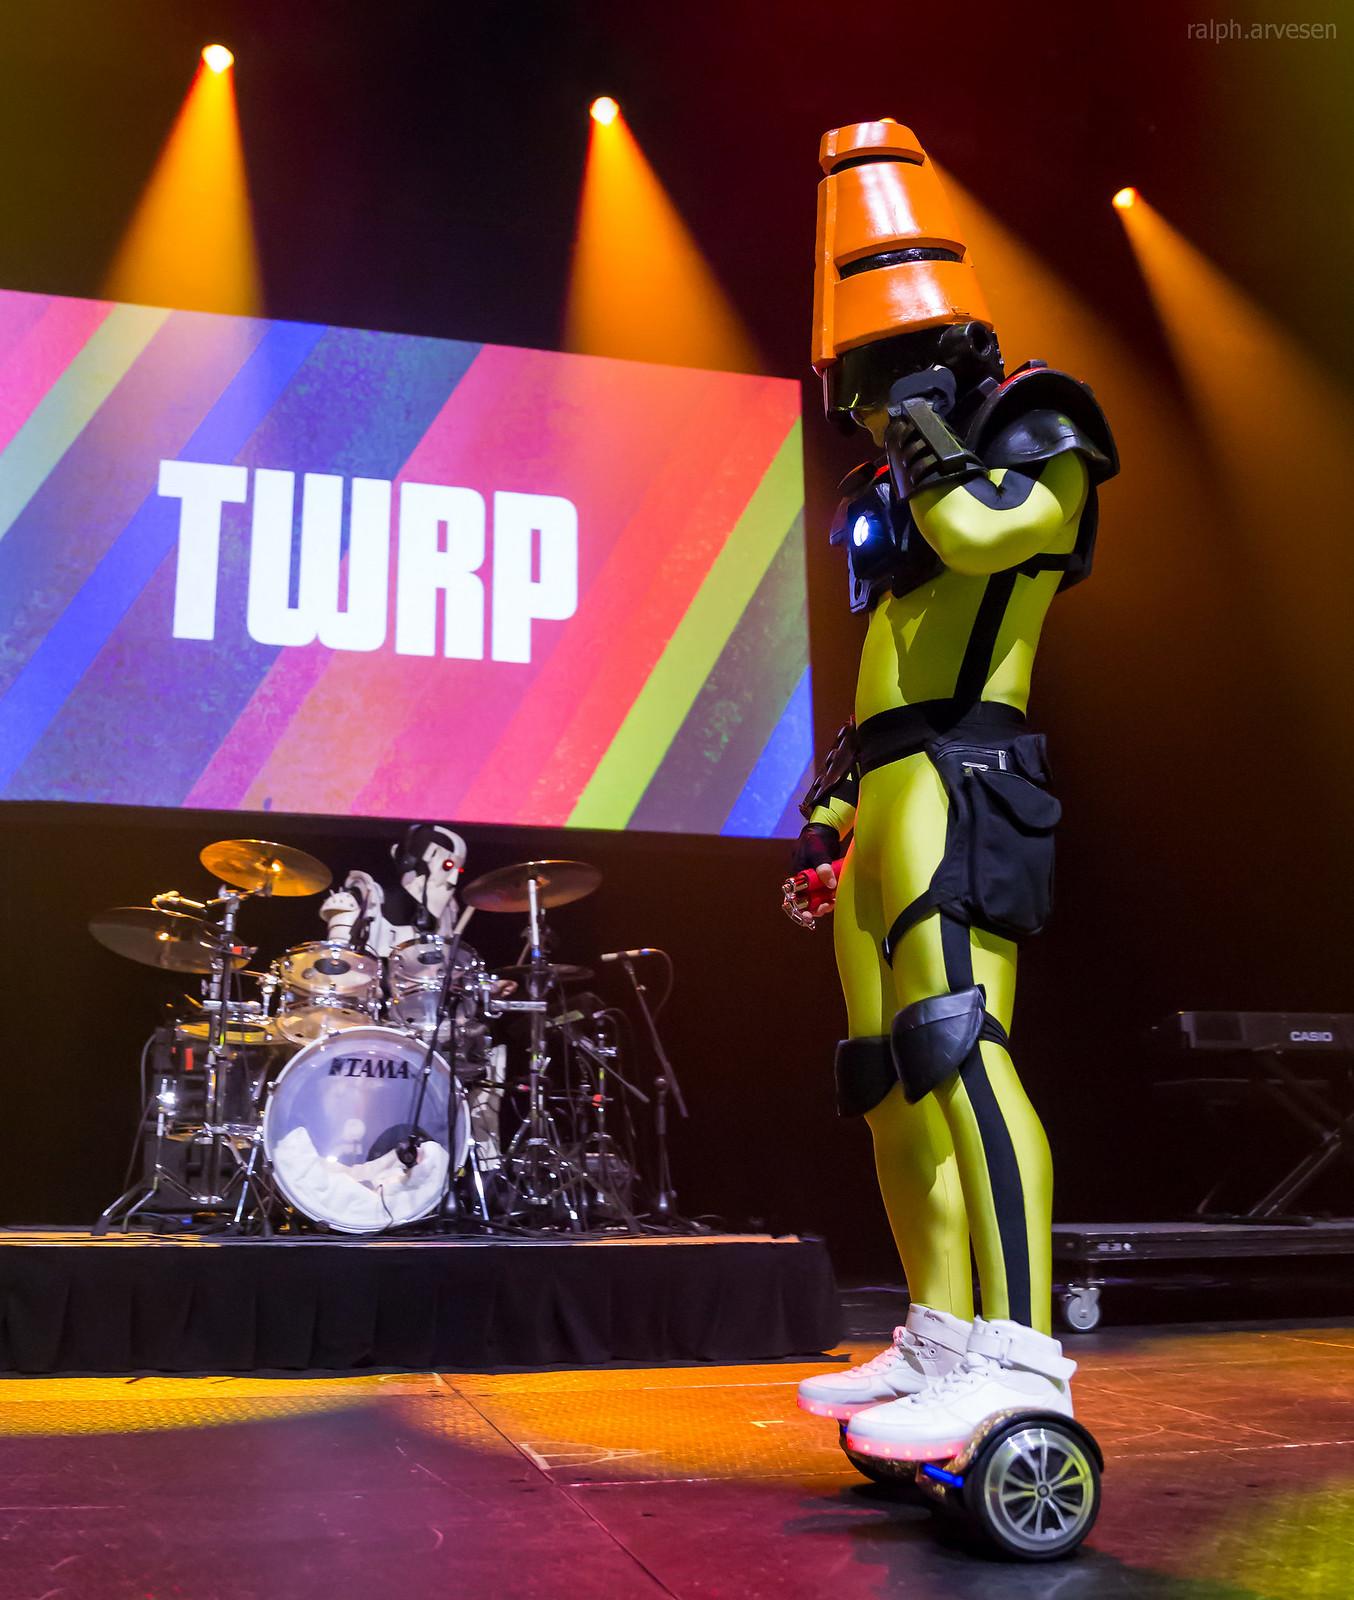 TWRP | Texas Review | Ralph Arvesen